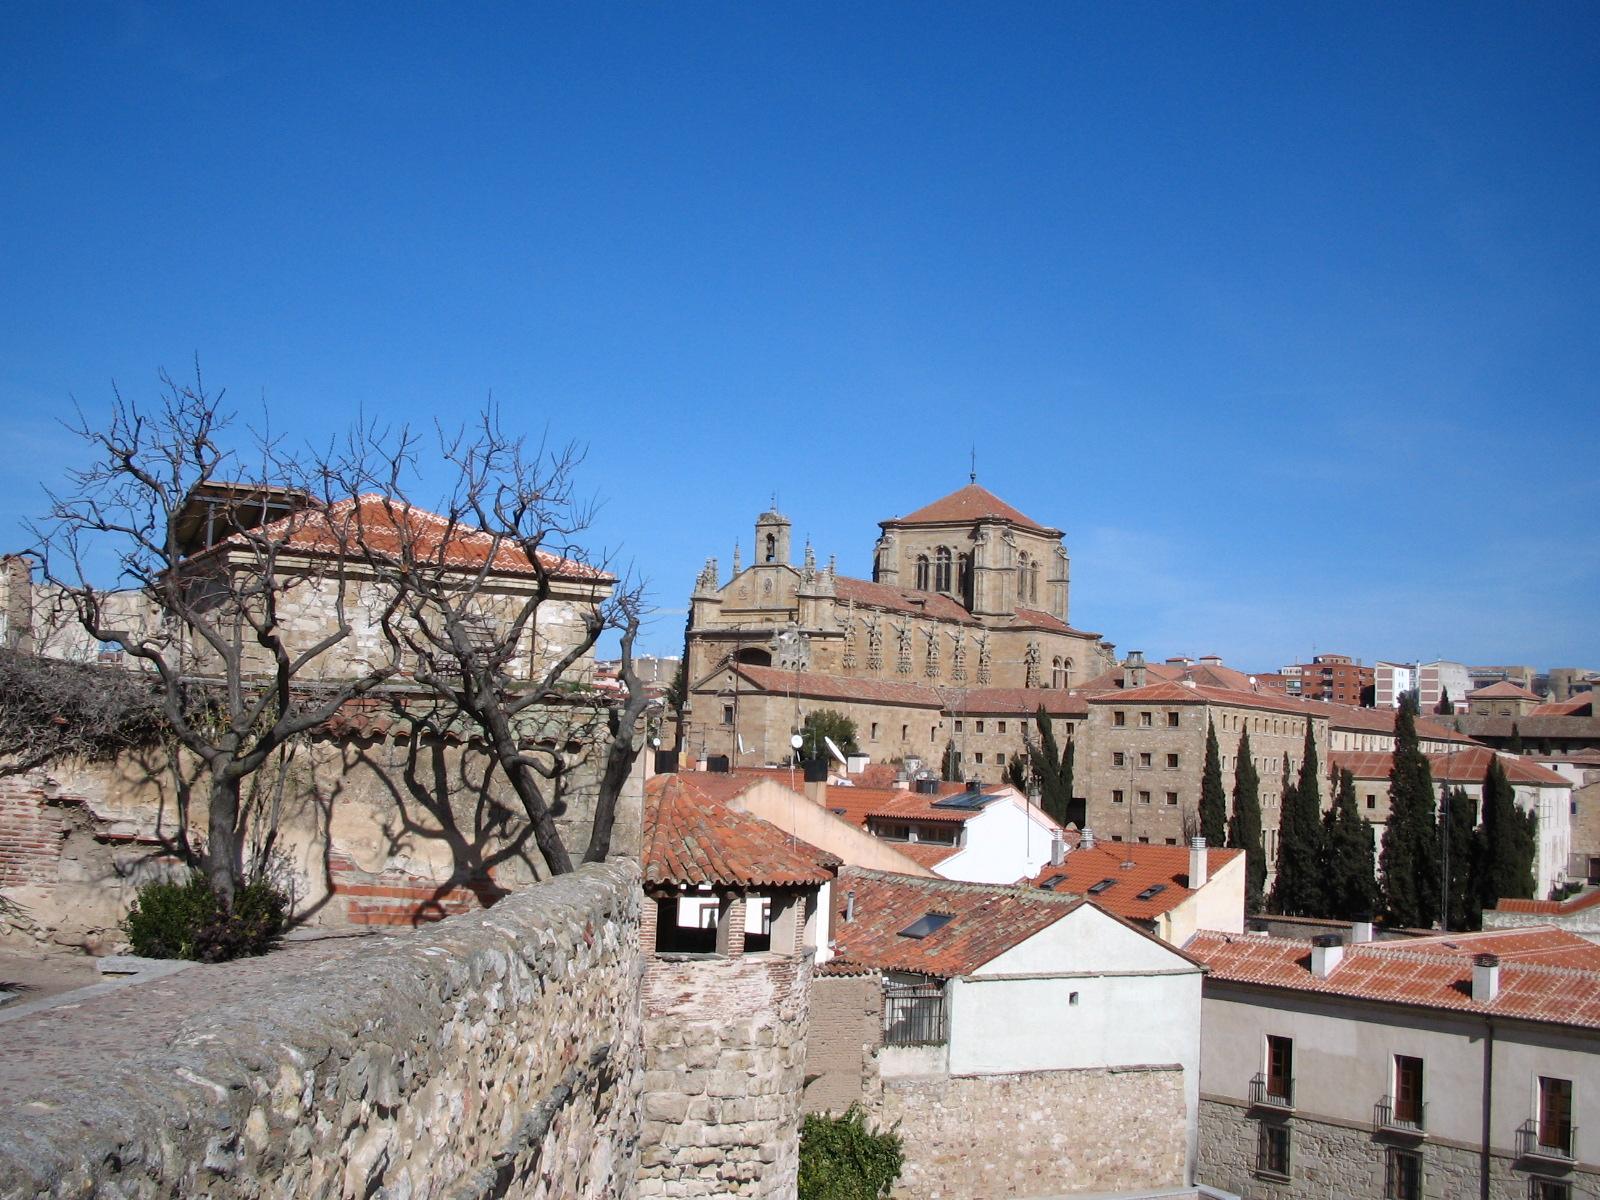 スペイン・サラマンカはかわいい街